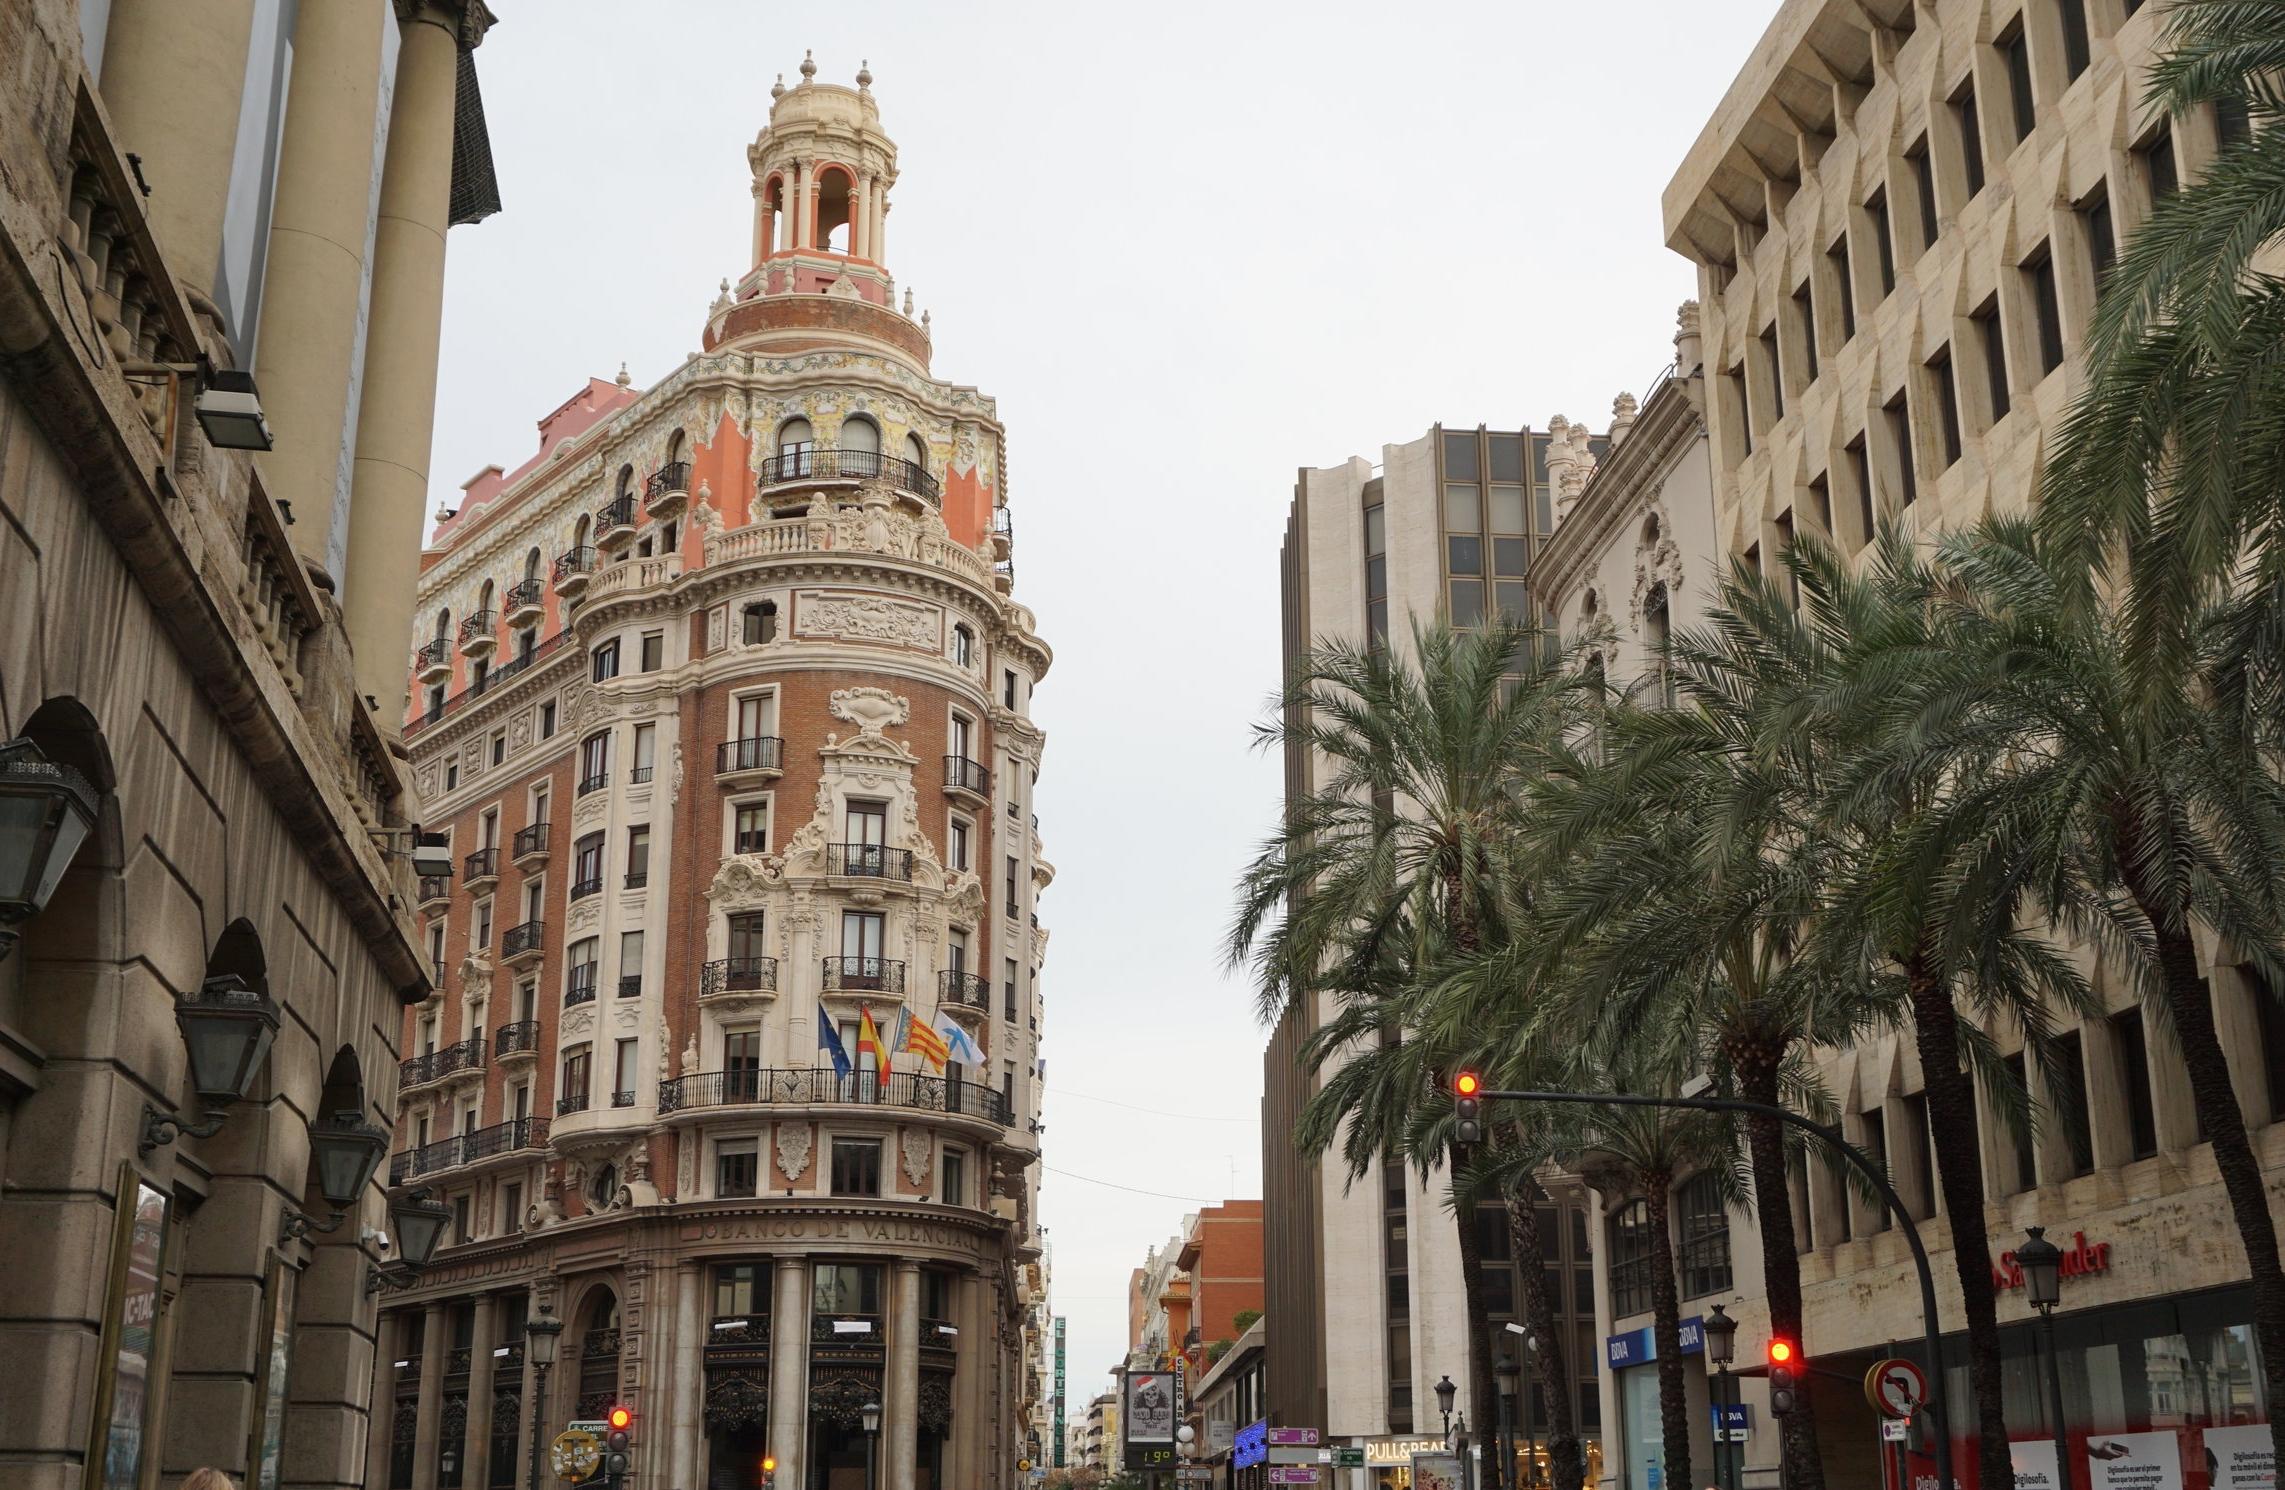 Bank of Valencia, Plaza Ayuntamiento in Valencia Spain